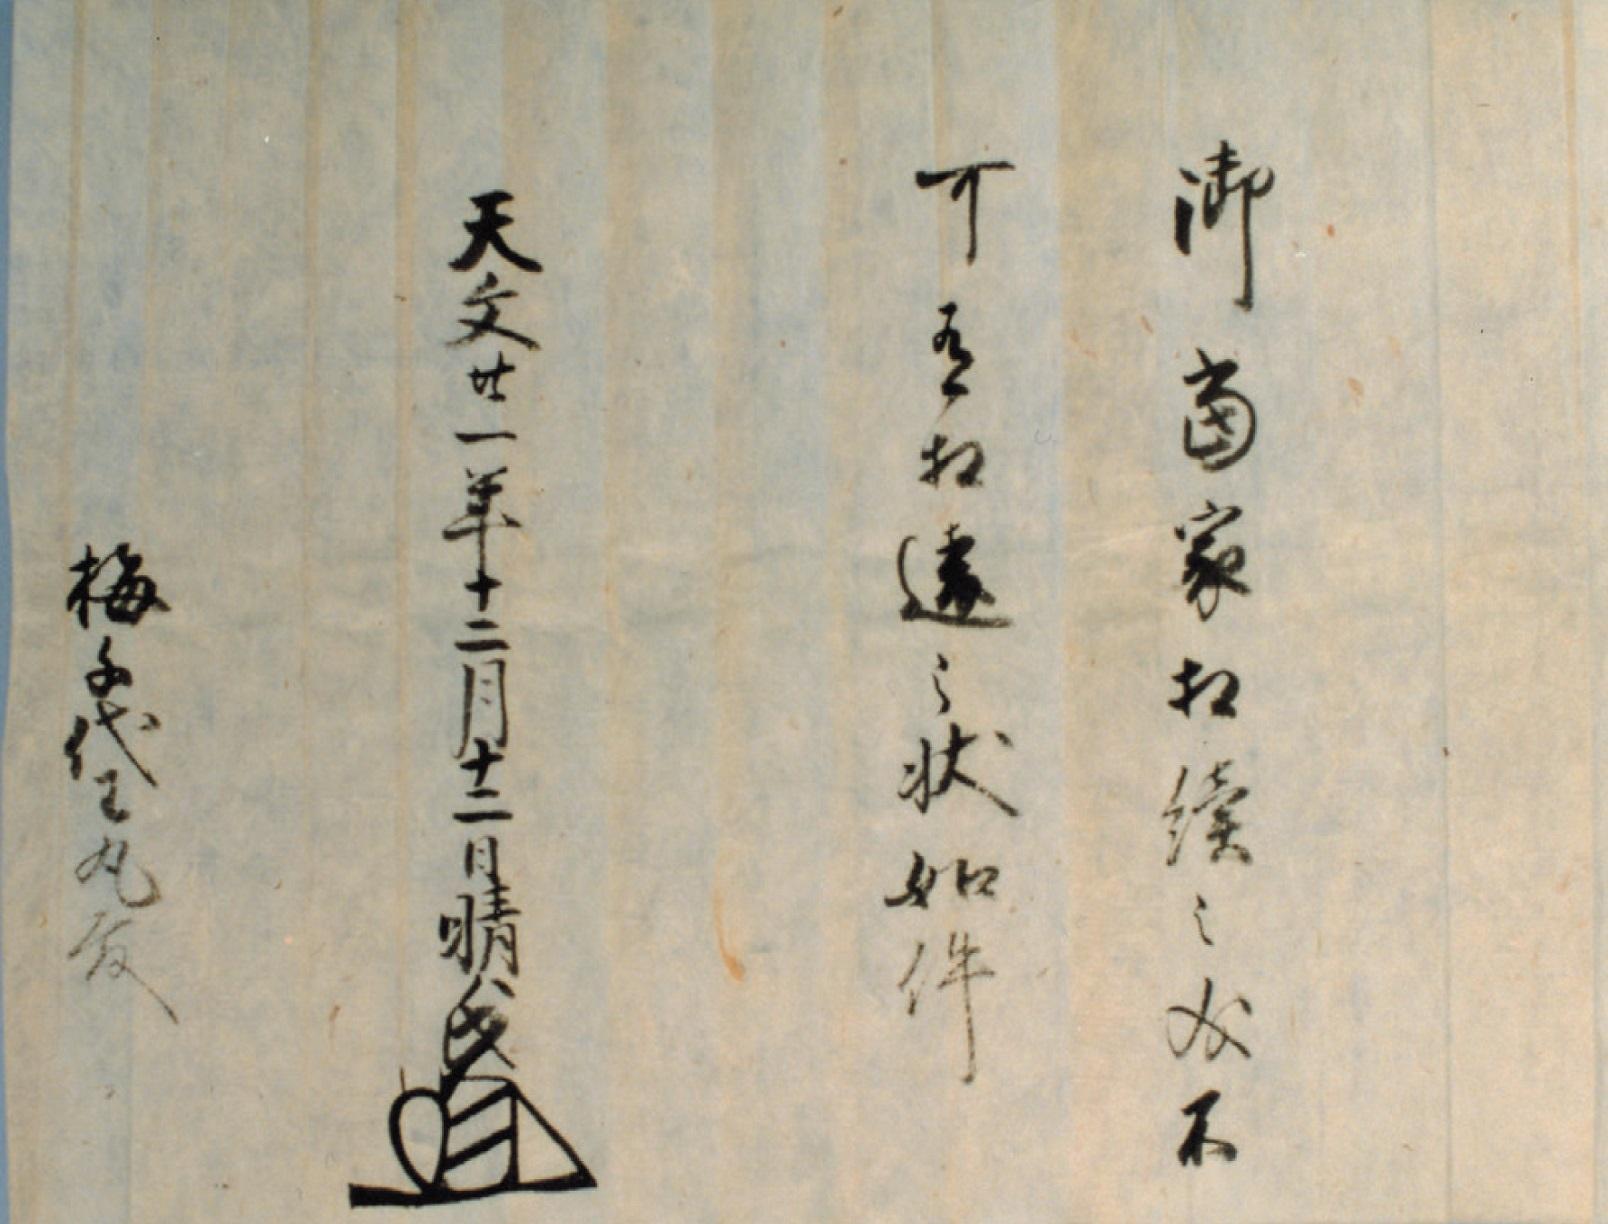 葛飾区史 第2章 葛飾の成り立ち(古代~近世)